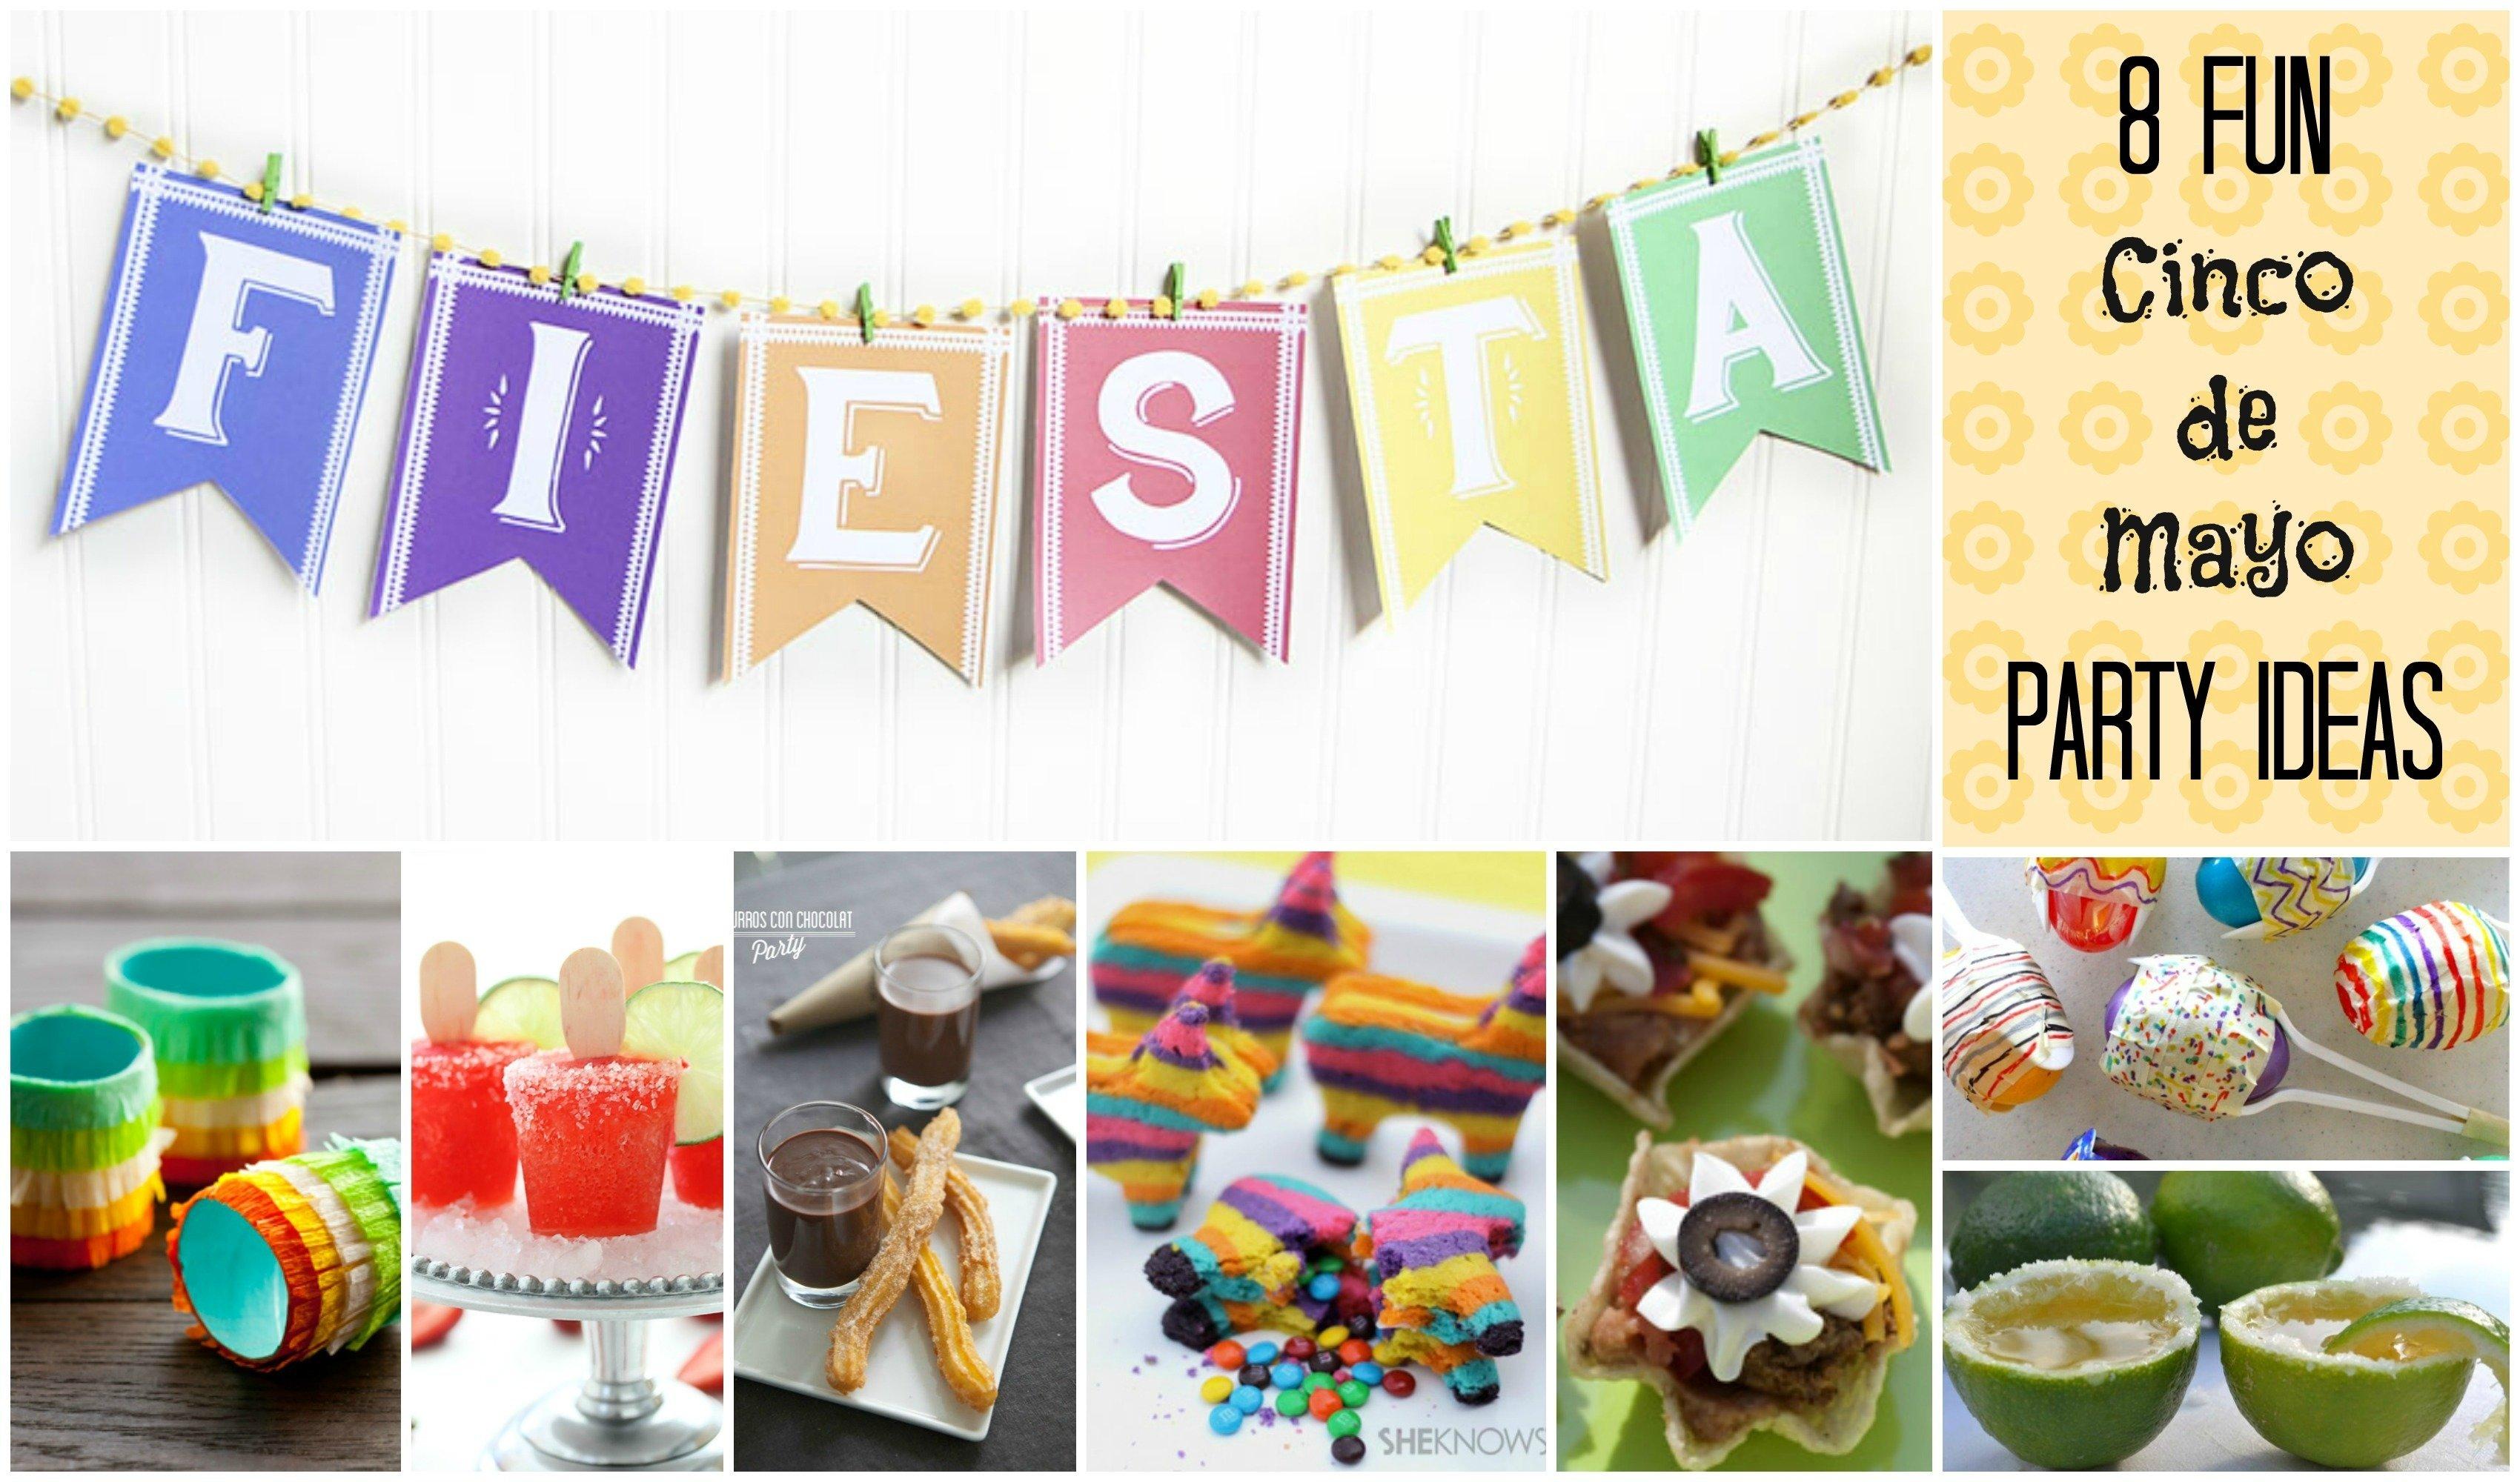 10 Fantastic Ideas For Cinco De Mayo Party 8 fun diy cinco de mayo party ideas my super slo life